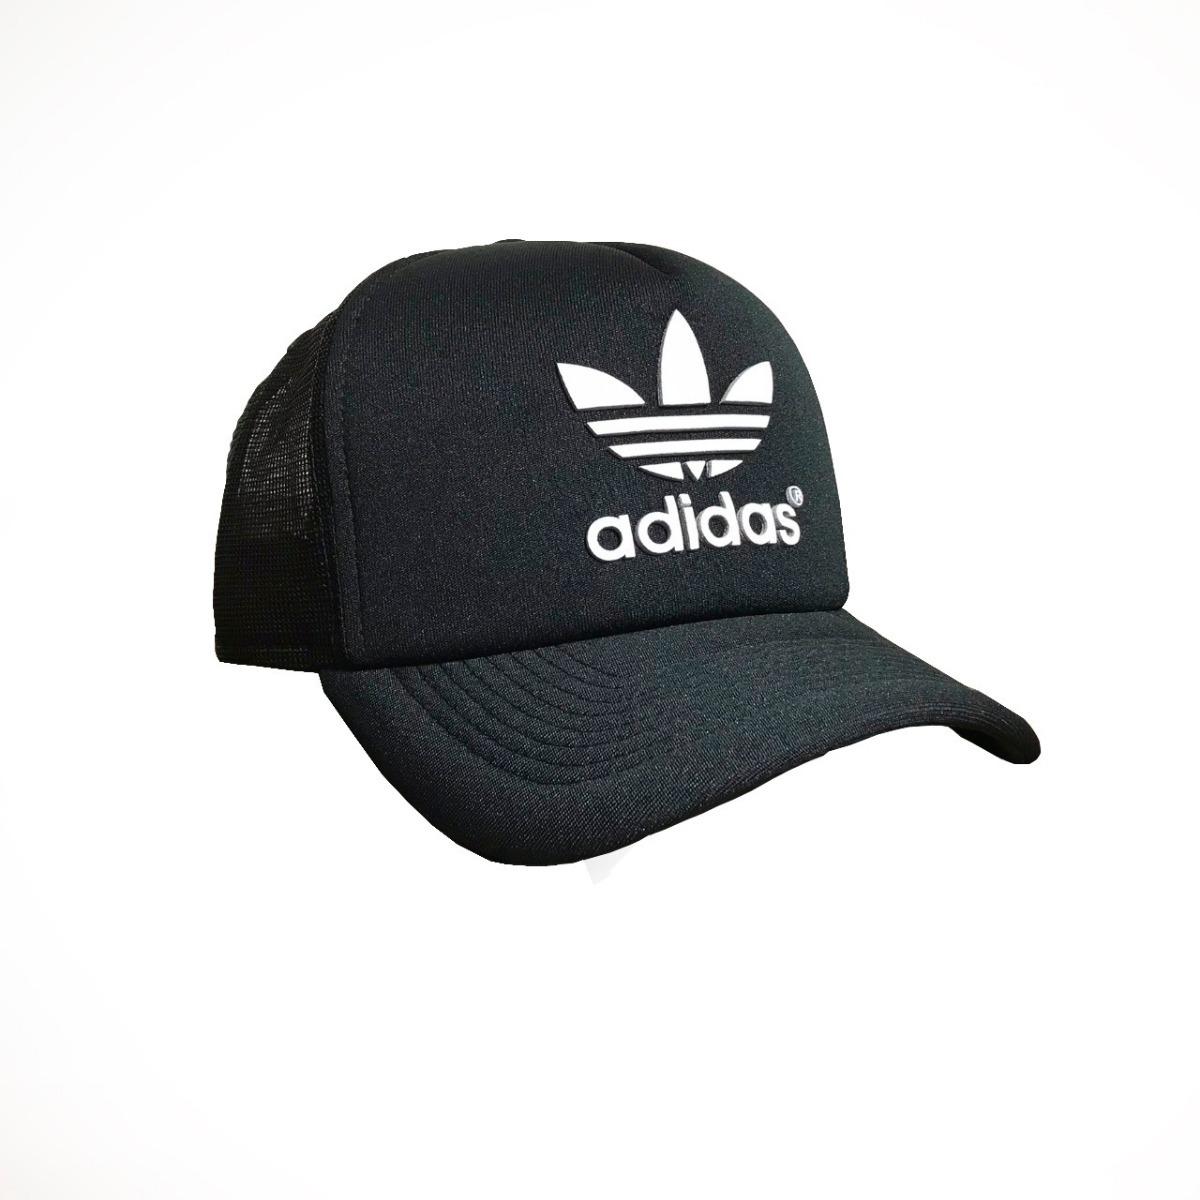 boné adidas brand black new preto aba curva trucker telinha. Carregando  zoom. a0f933e391a